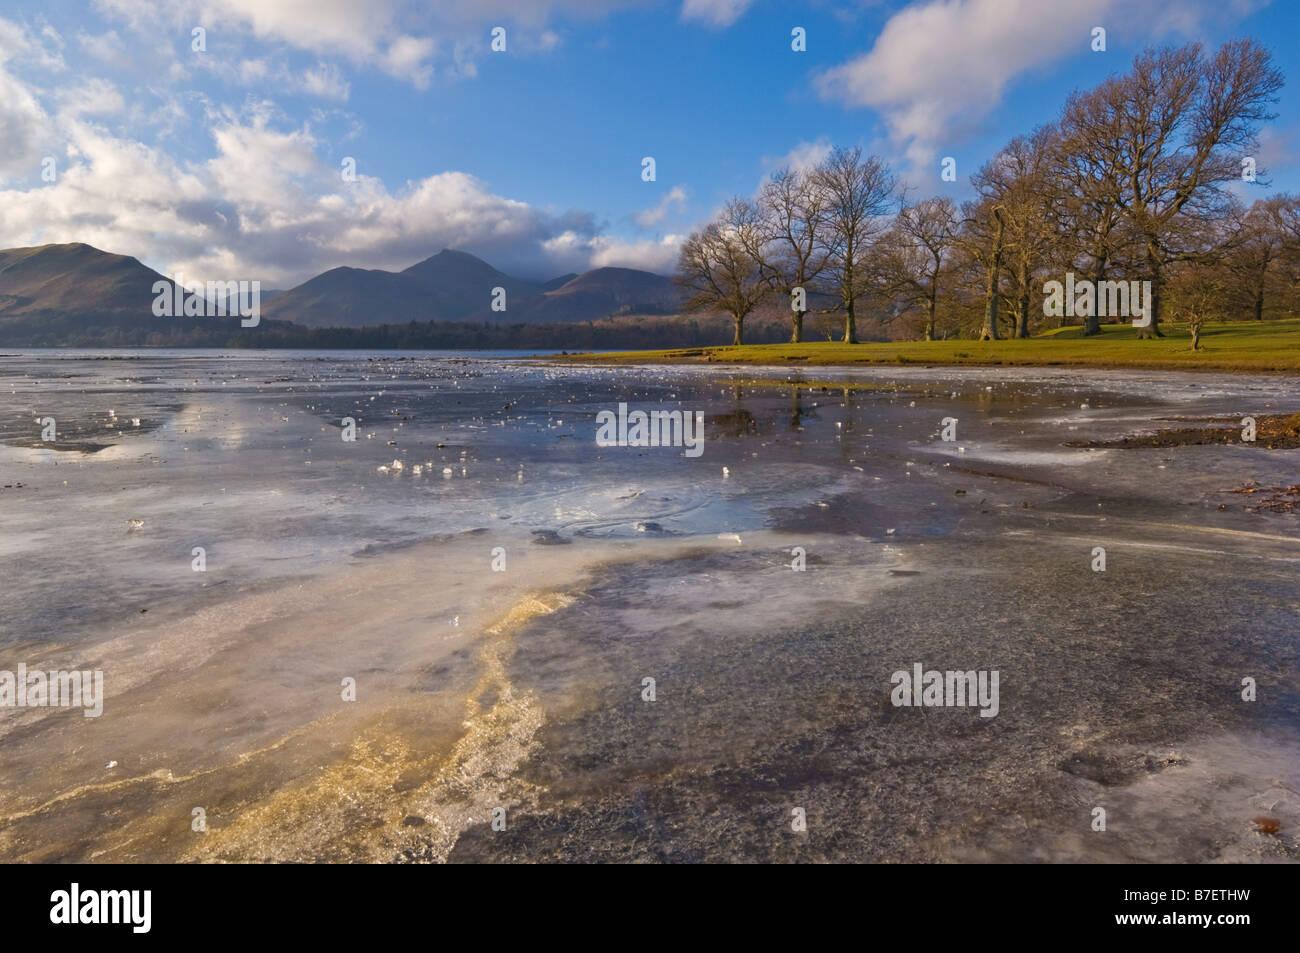 Bhz bhz bhz bhz Derwent water derwentwater frozen on a winter morning near Friars Crag Keswick Lake District Cumbria - Stock Image